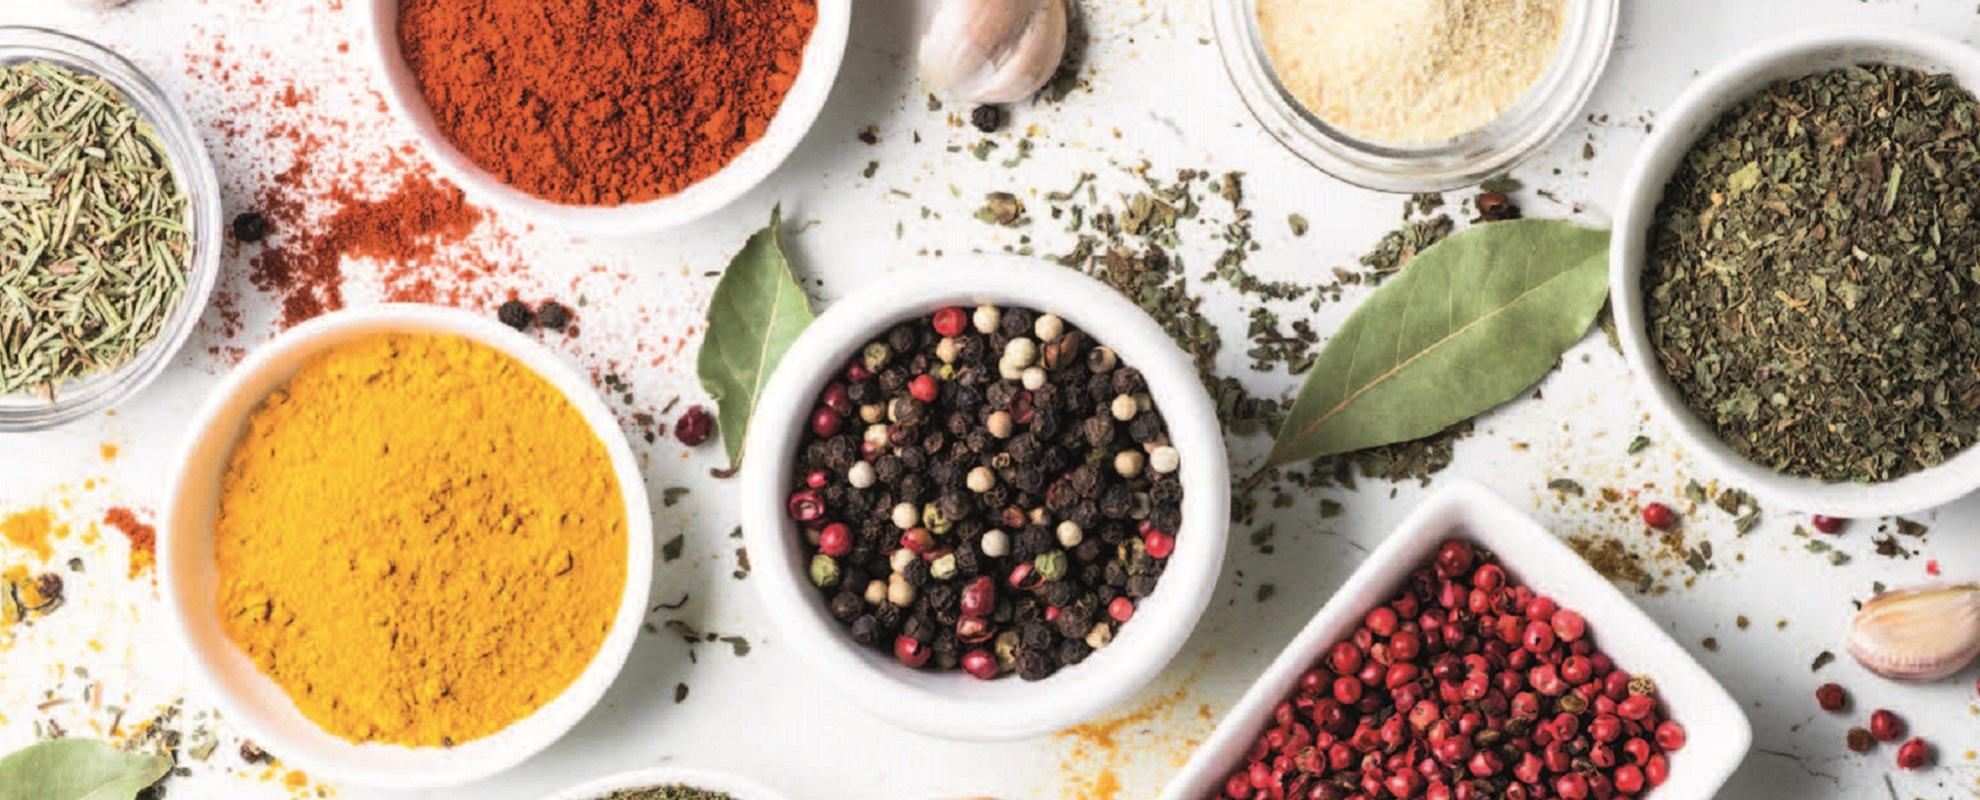 Alavi - partner voor smaakvolle, biologische en gezonde voeding - banner